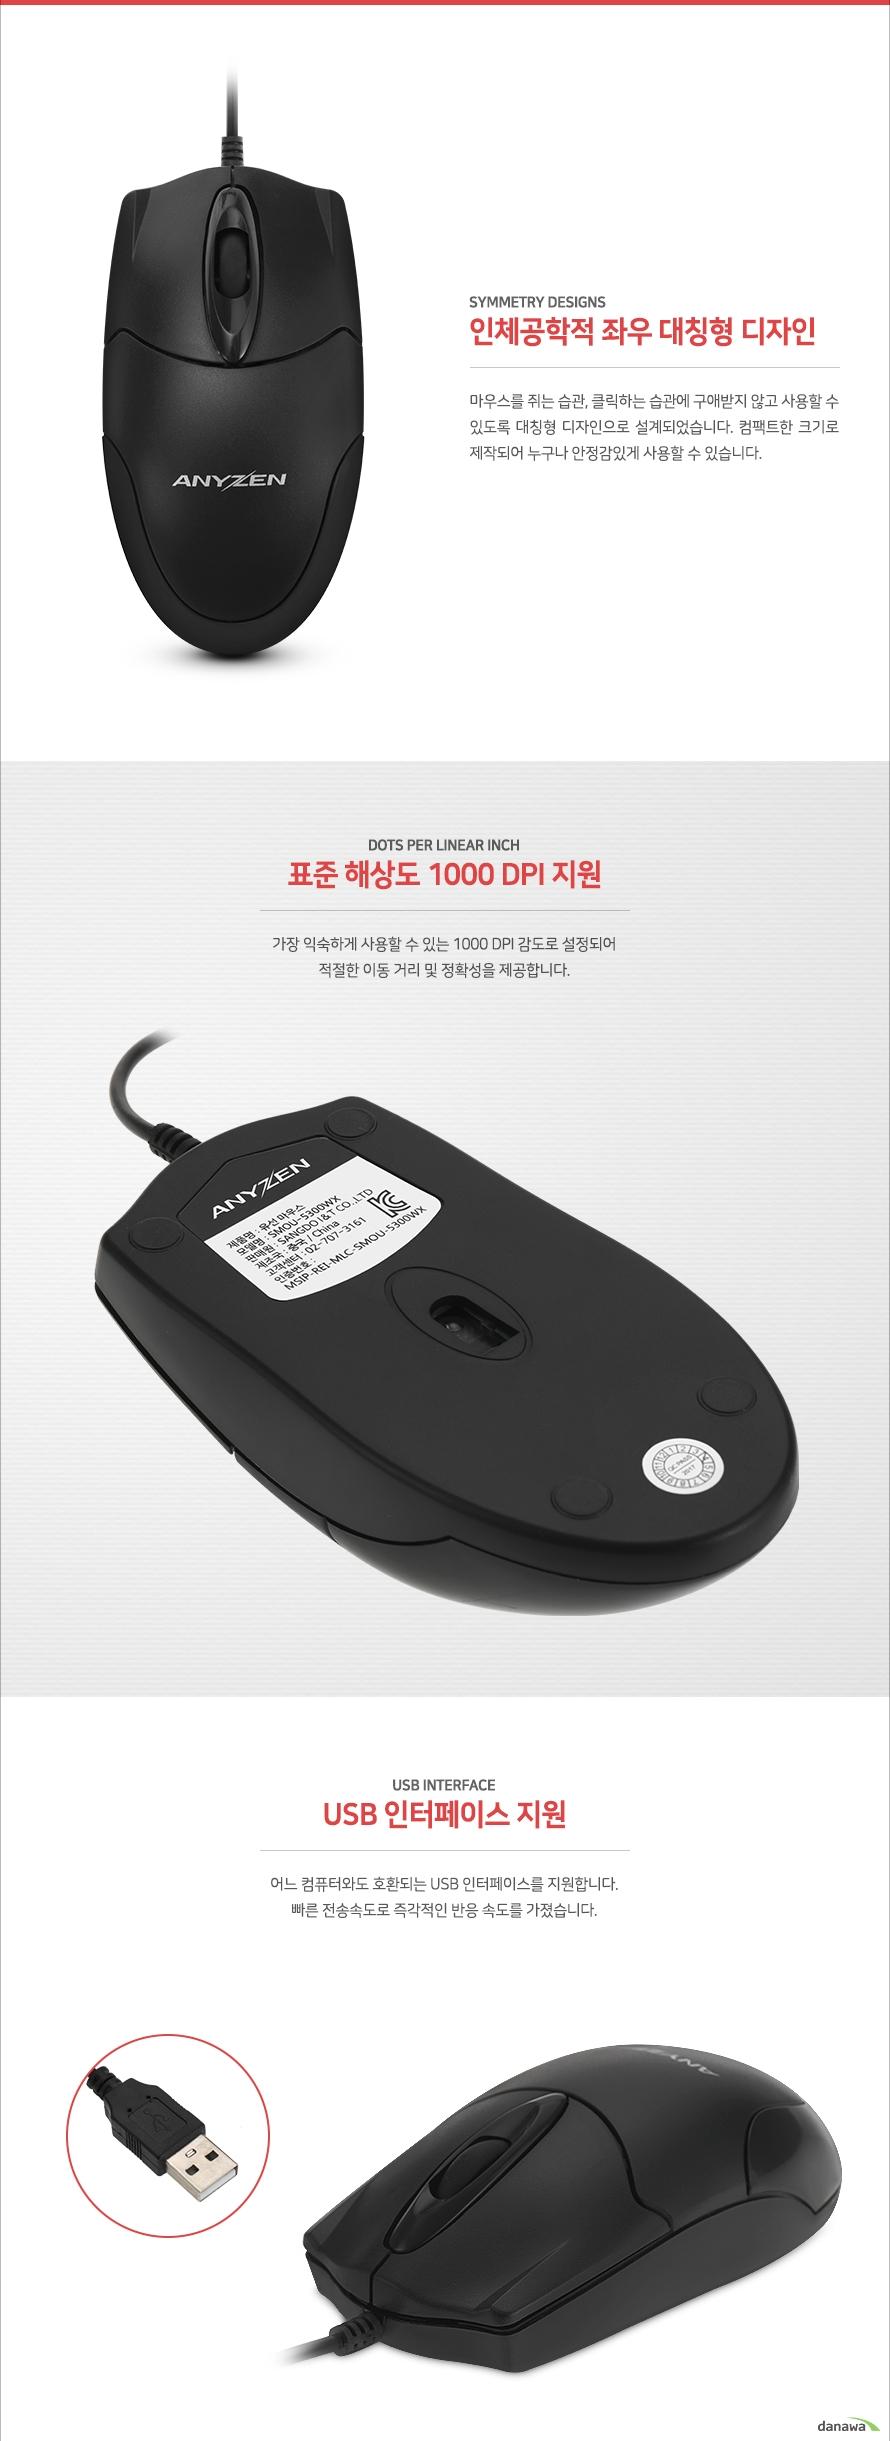 인체공학적 좌우 대칭형 디자인마우스를 쥐는 습관, 클릭하는 습관에 구애받지 않고 사용할 수 있도록 대칭형 디자인으로 설계되었습니다. 컴팩트한 크기로 제작되어 누구나 안정감있게 사용할 수 있습니다.표준 해상도 1000 DPI 지원가장 익숙하게 사용할 수 있는 1000 DPI 감도로 설정되어적절한 이동 거리 및 정확성을 제공합니다.USB 인터페이스 지원어느 컴퓨터와도 호환되는 USB 인터페이스를 지원합니다.빠른 전송 속도로 즉각적인 반응 속도를 가졌습니다.